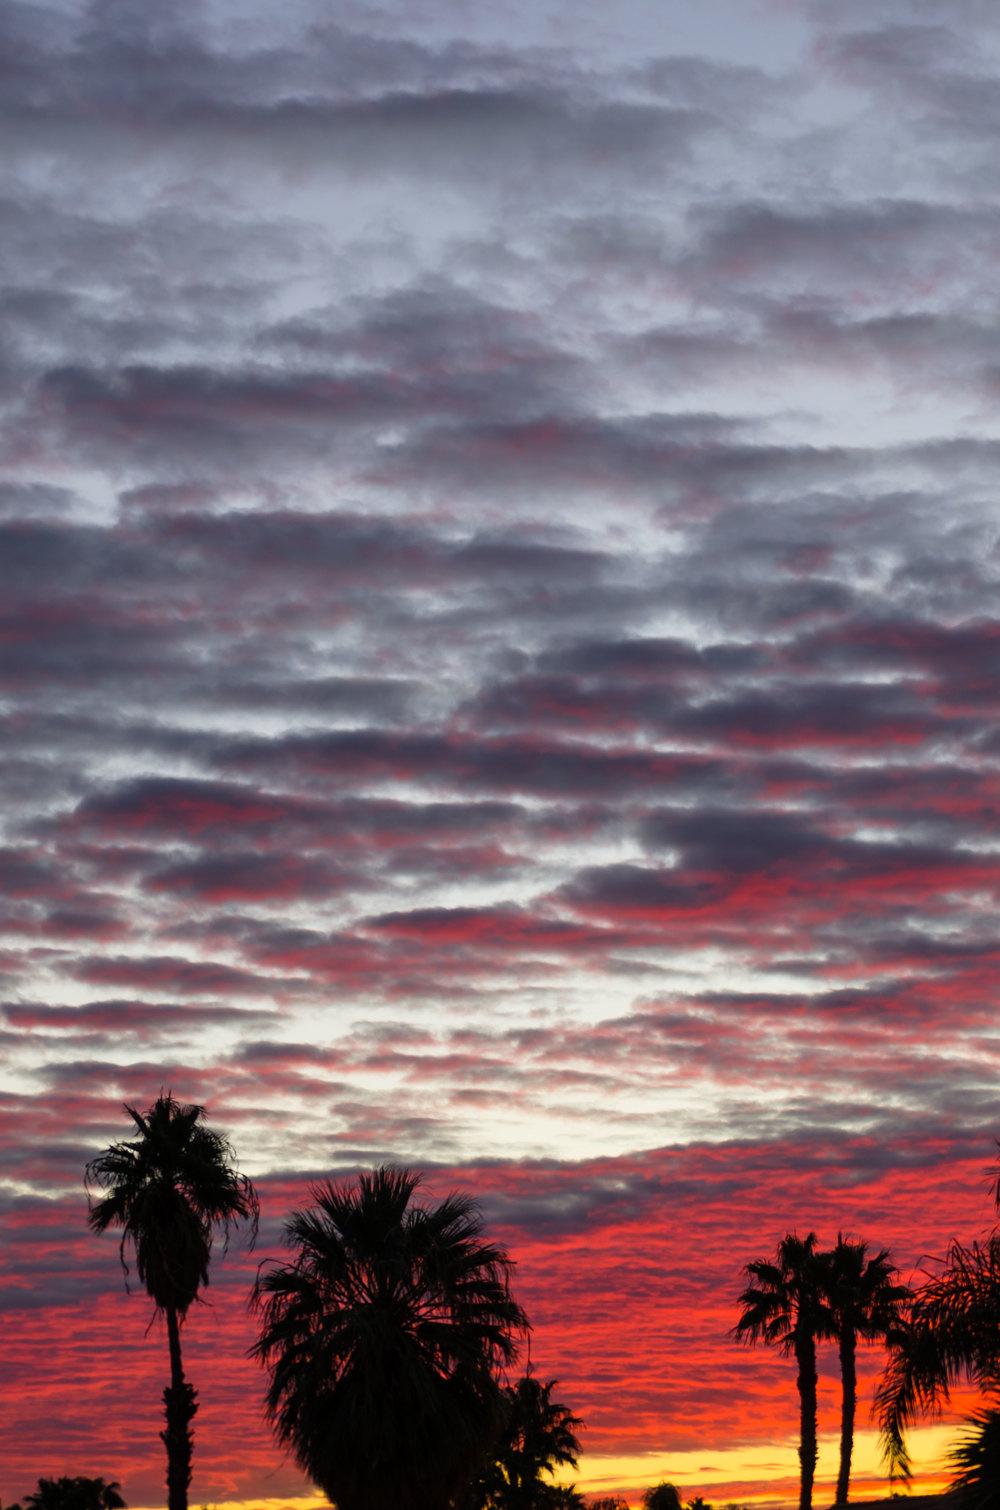 Sunrise-1-casenruiz.jpg